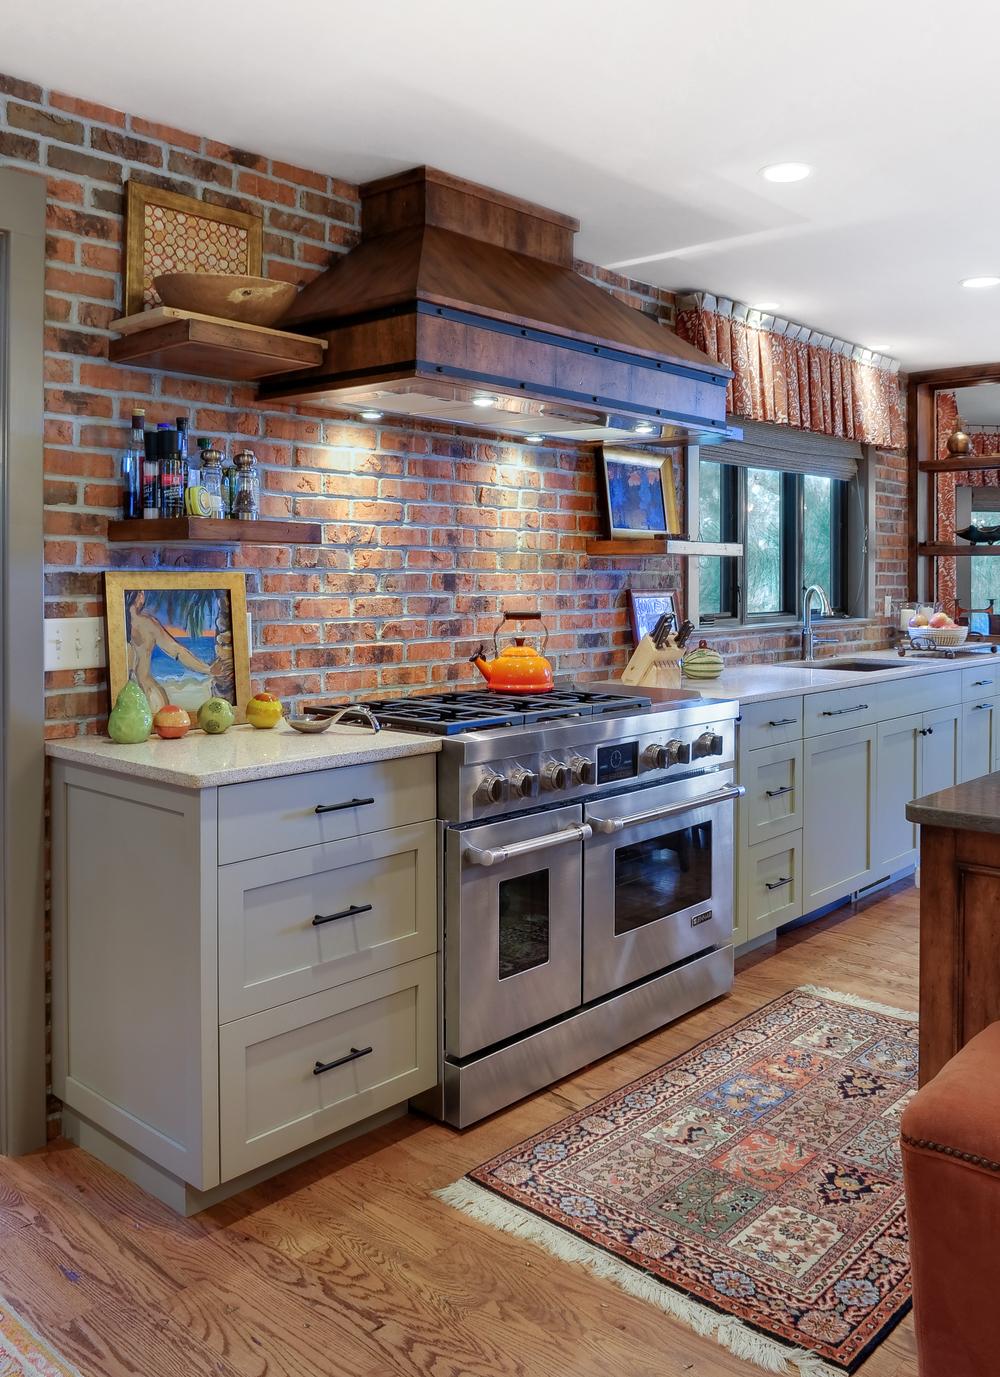 Warm brick kitchen from brick kitchen